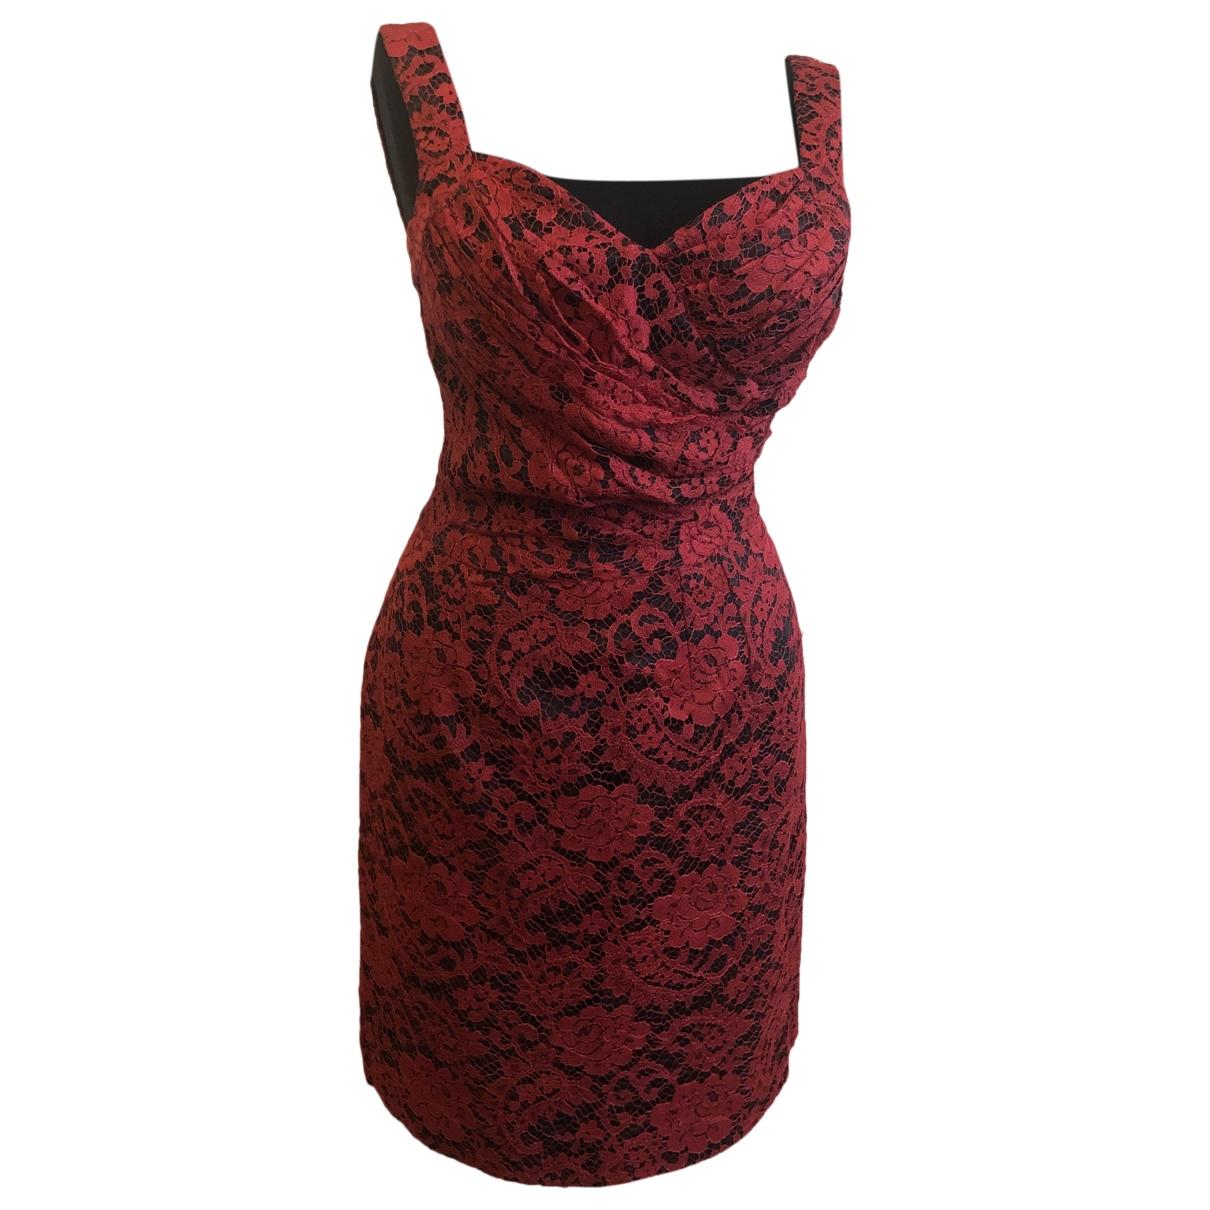 Dolce & Gabbana \N Red dress for Women 40 IT